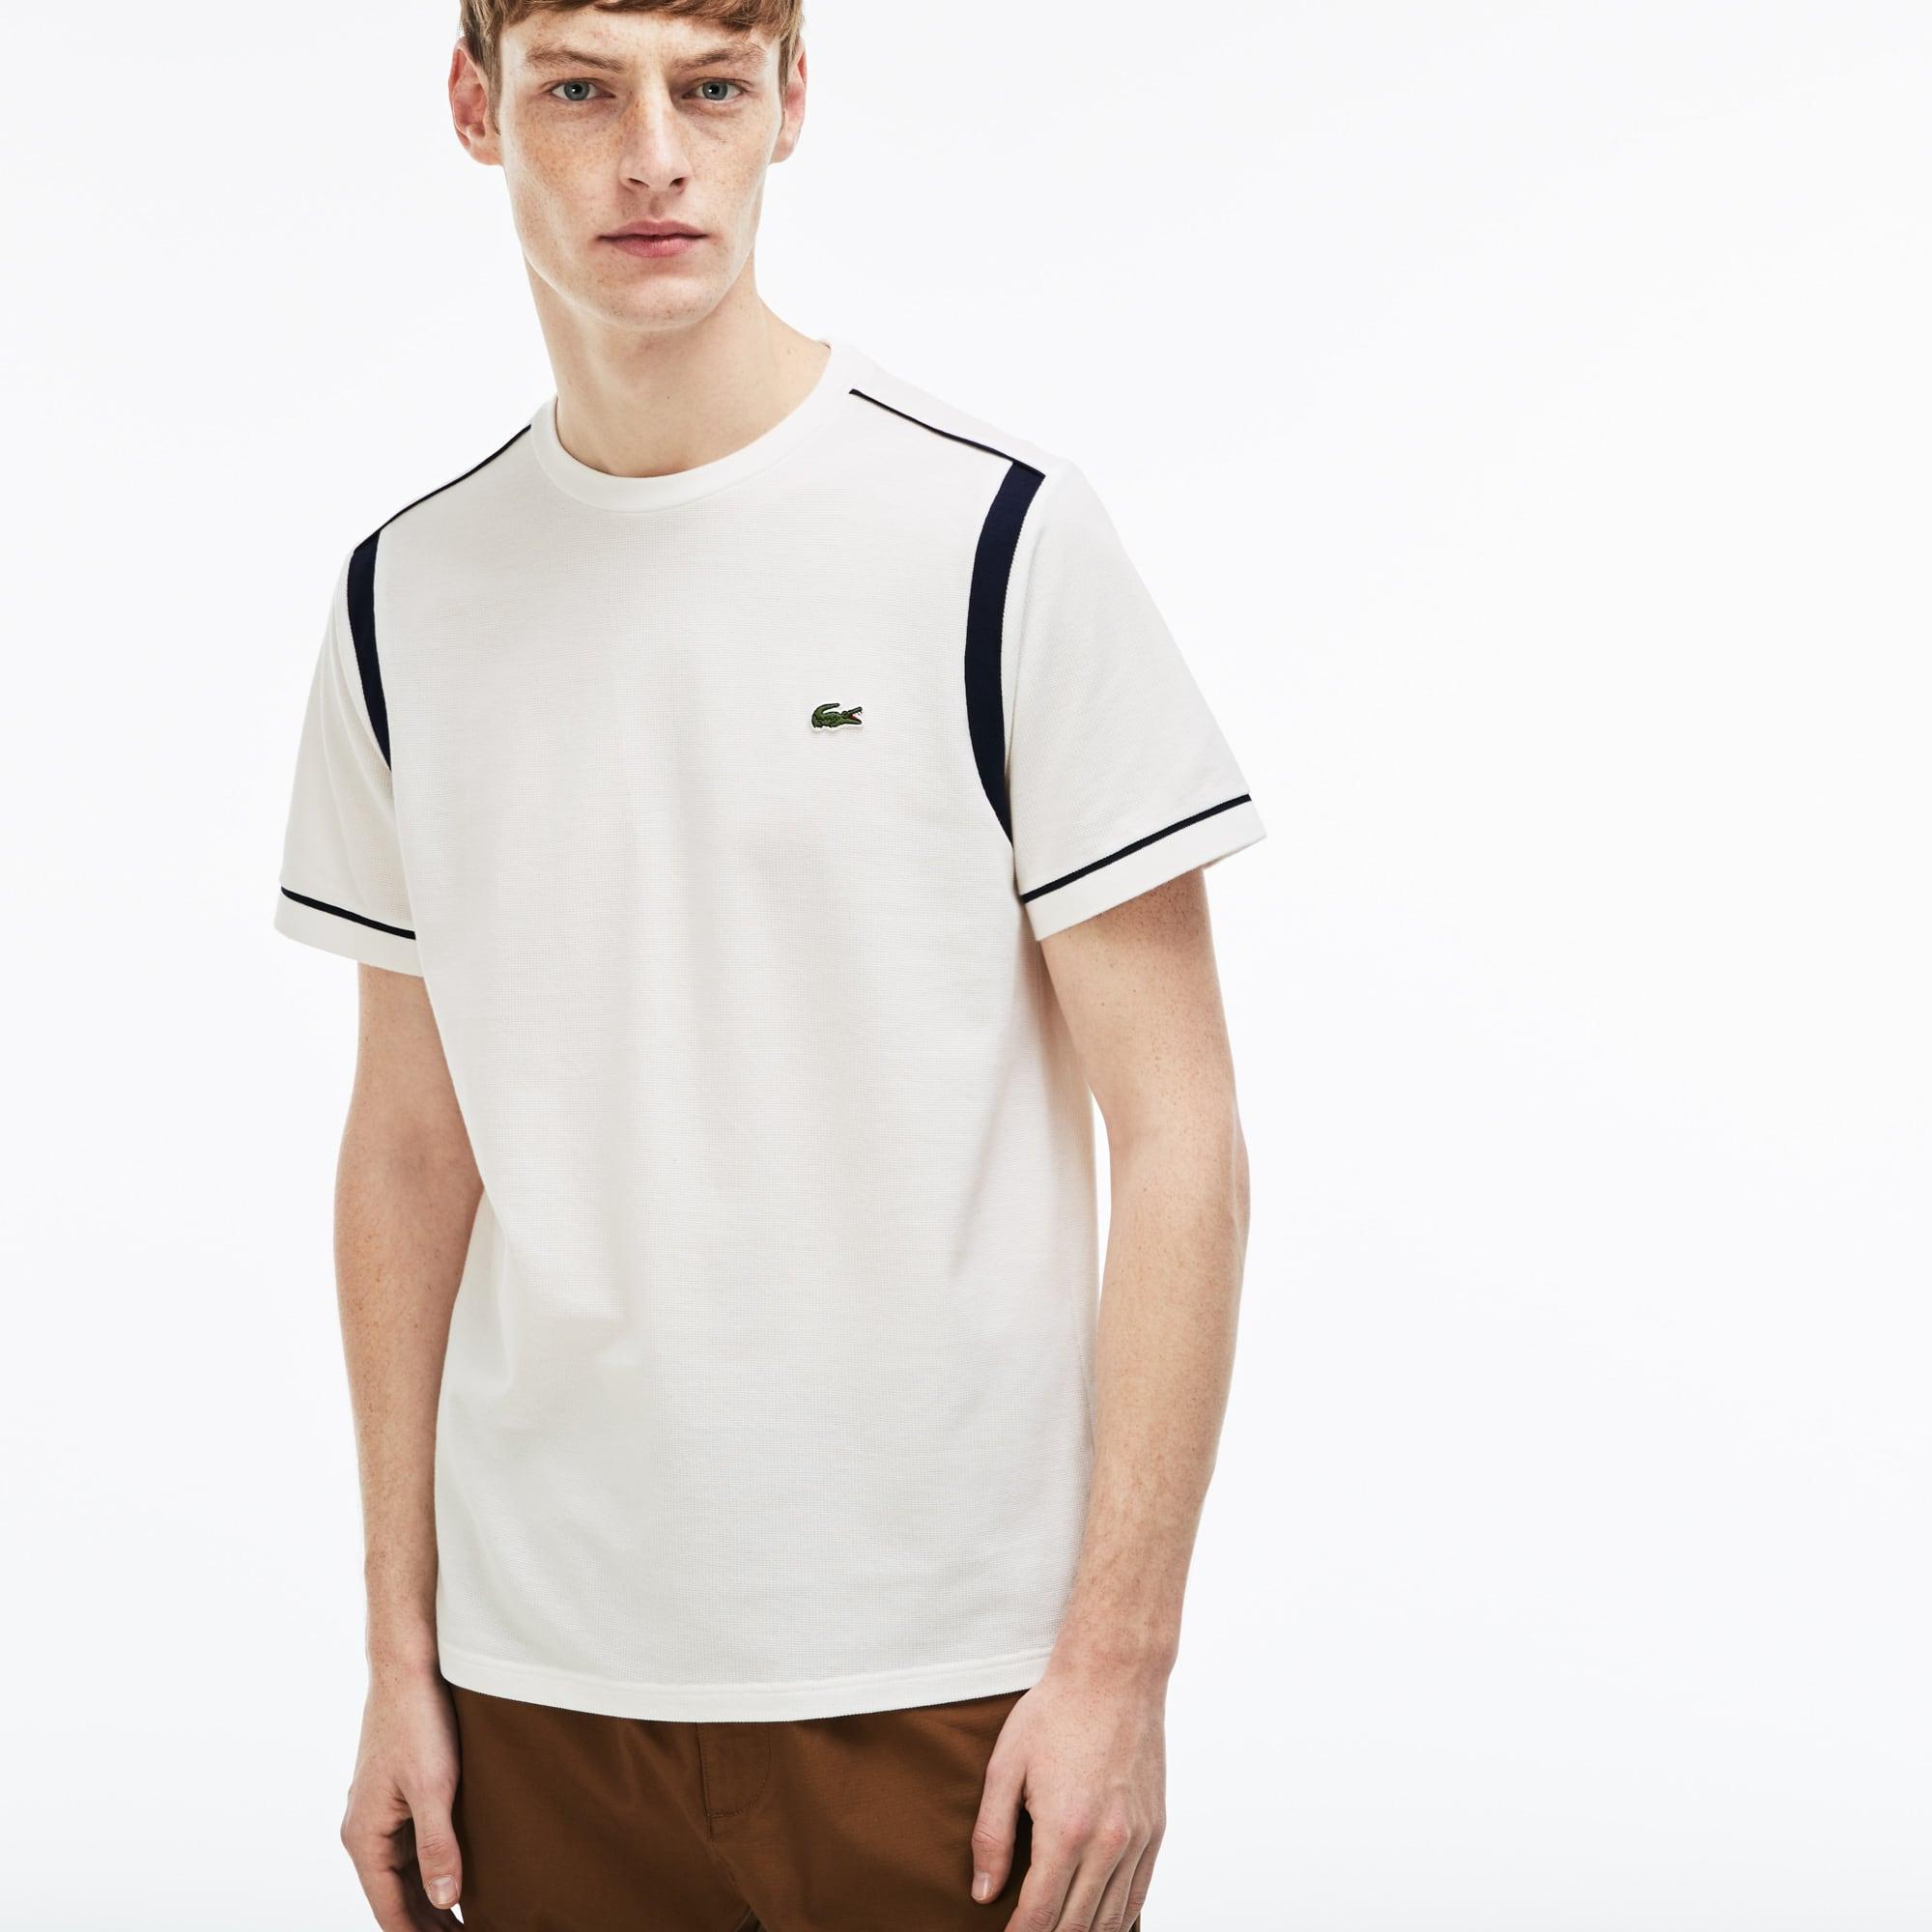 Herren-Rundhals-T-Shirt aus Baumwoll-Strickware mit Kontrasten